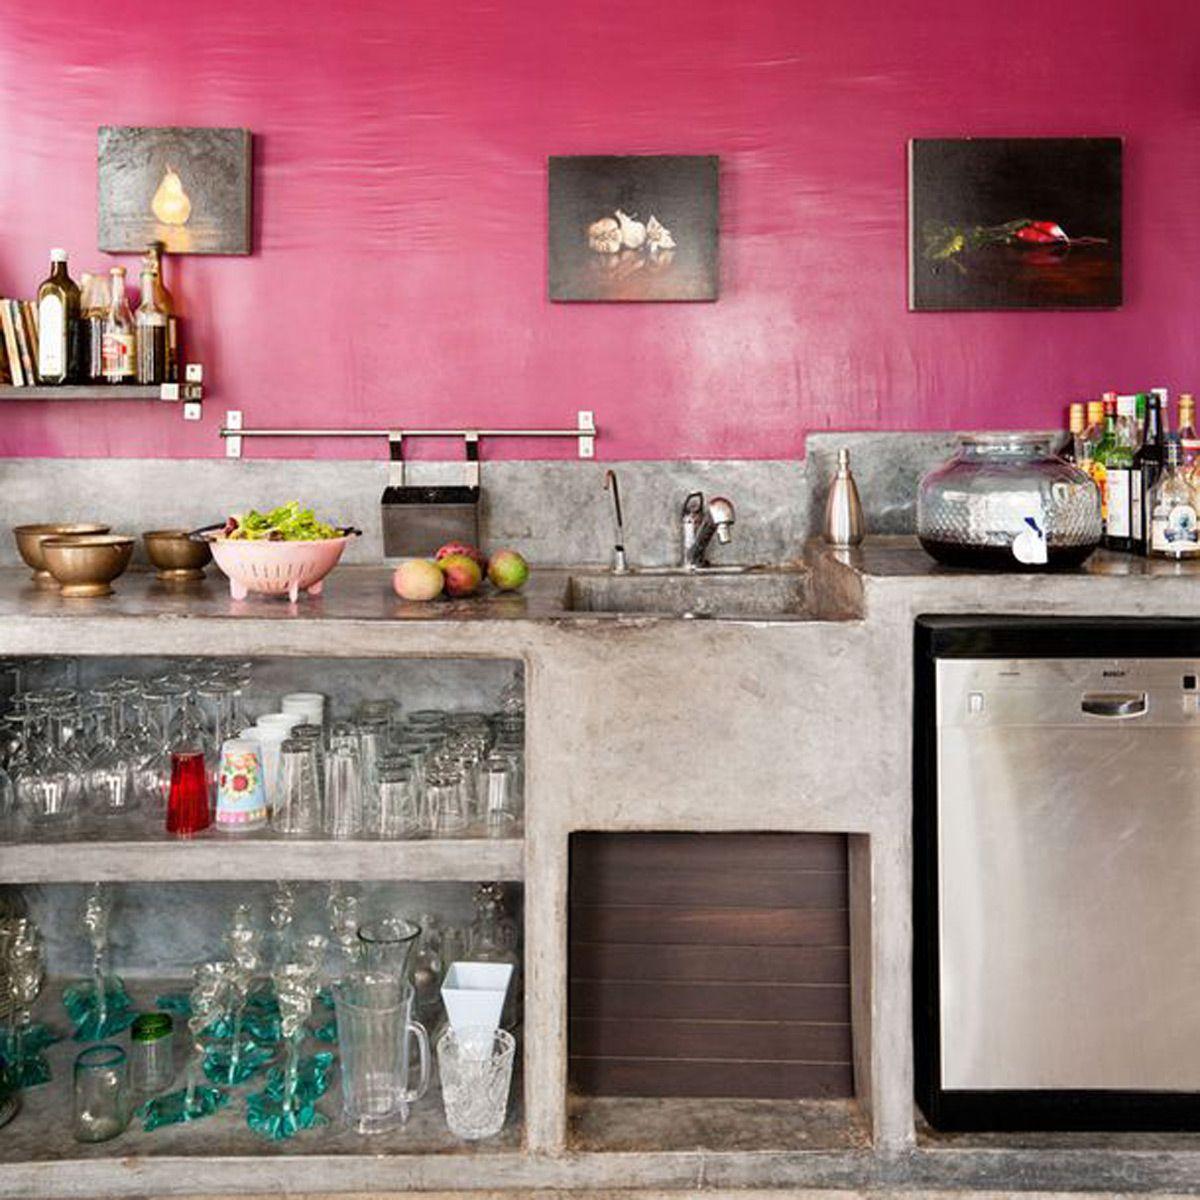 Paint colours - Kitchen colour schemes - Good Houskeeping UK